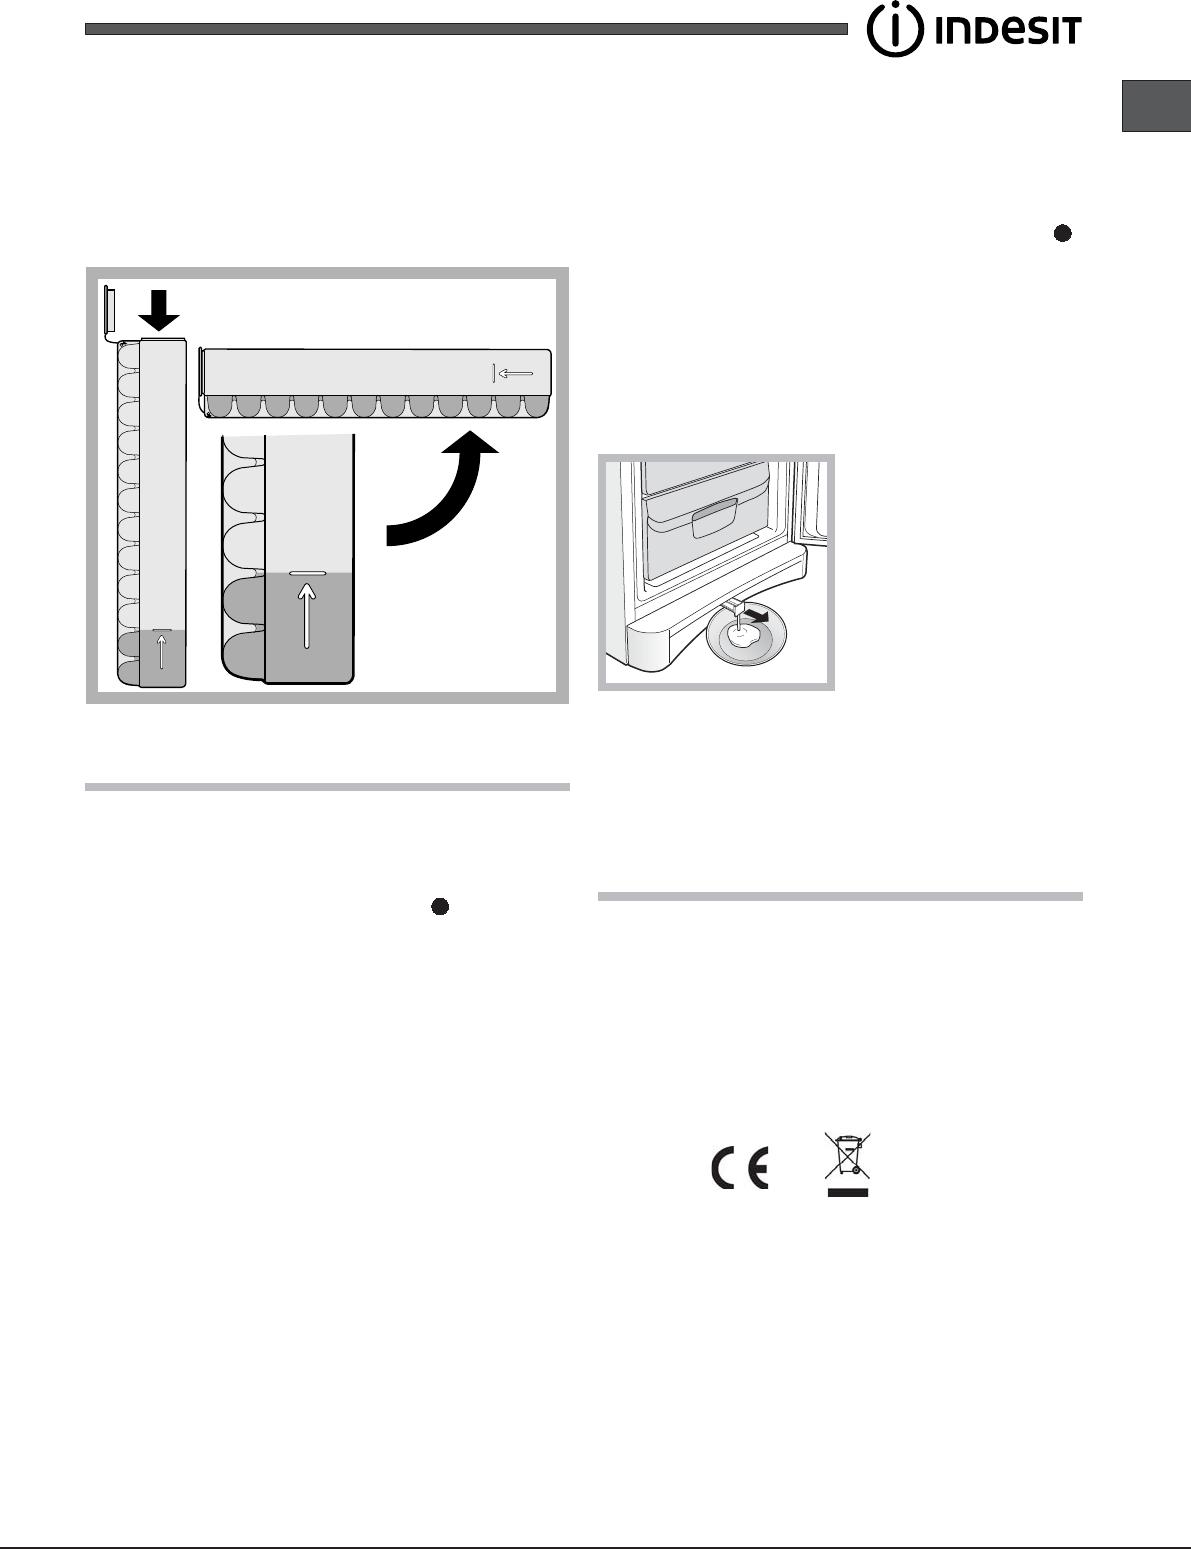 Handleiding Indesit UFAN 400 (pagina 20 van 60) (Dansk, Deutsch ...